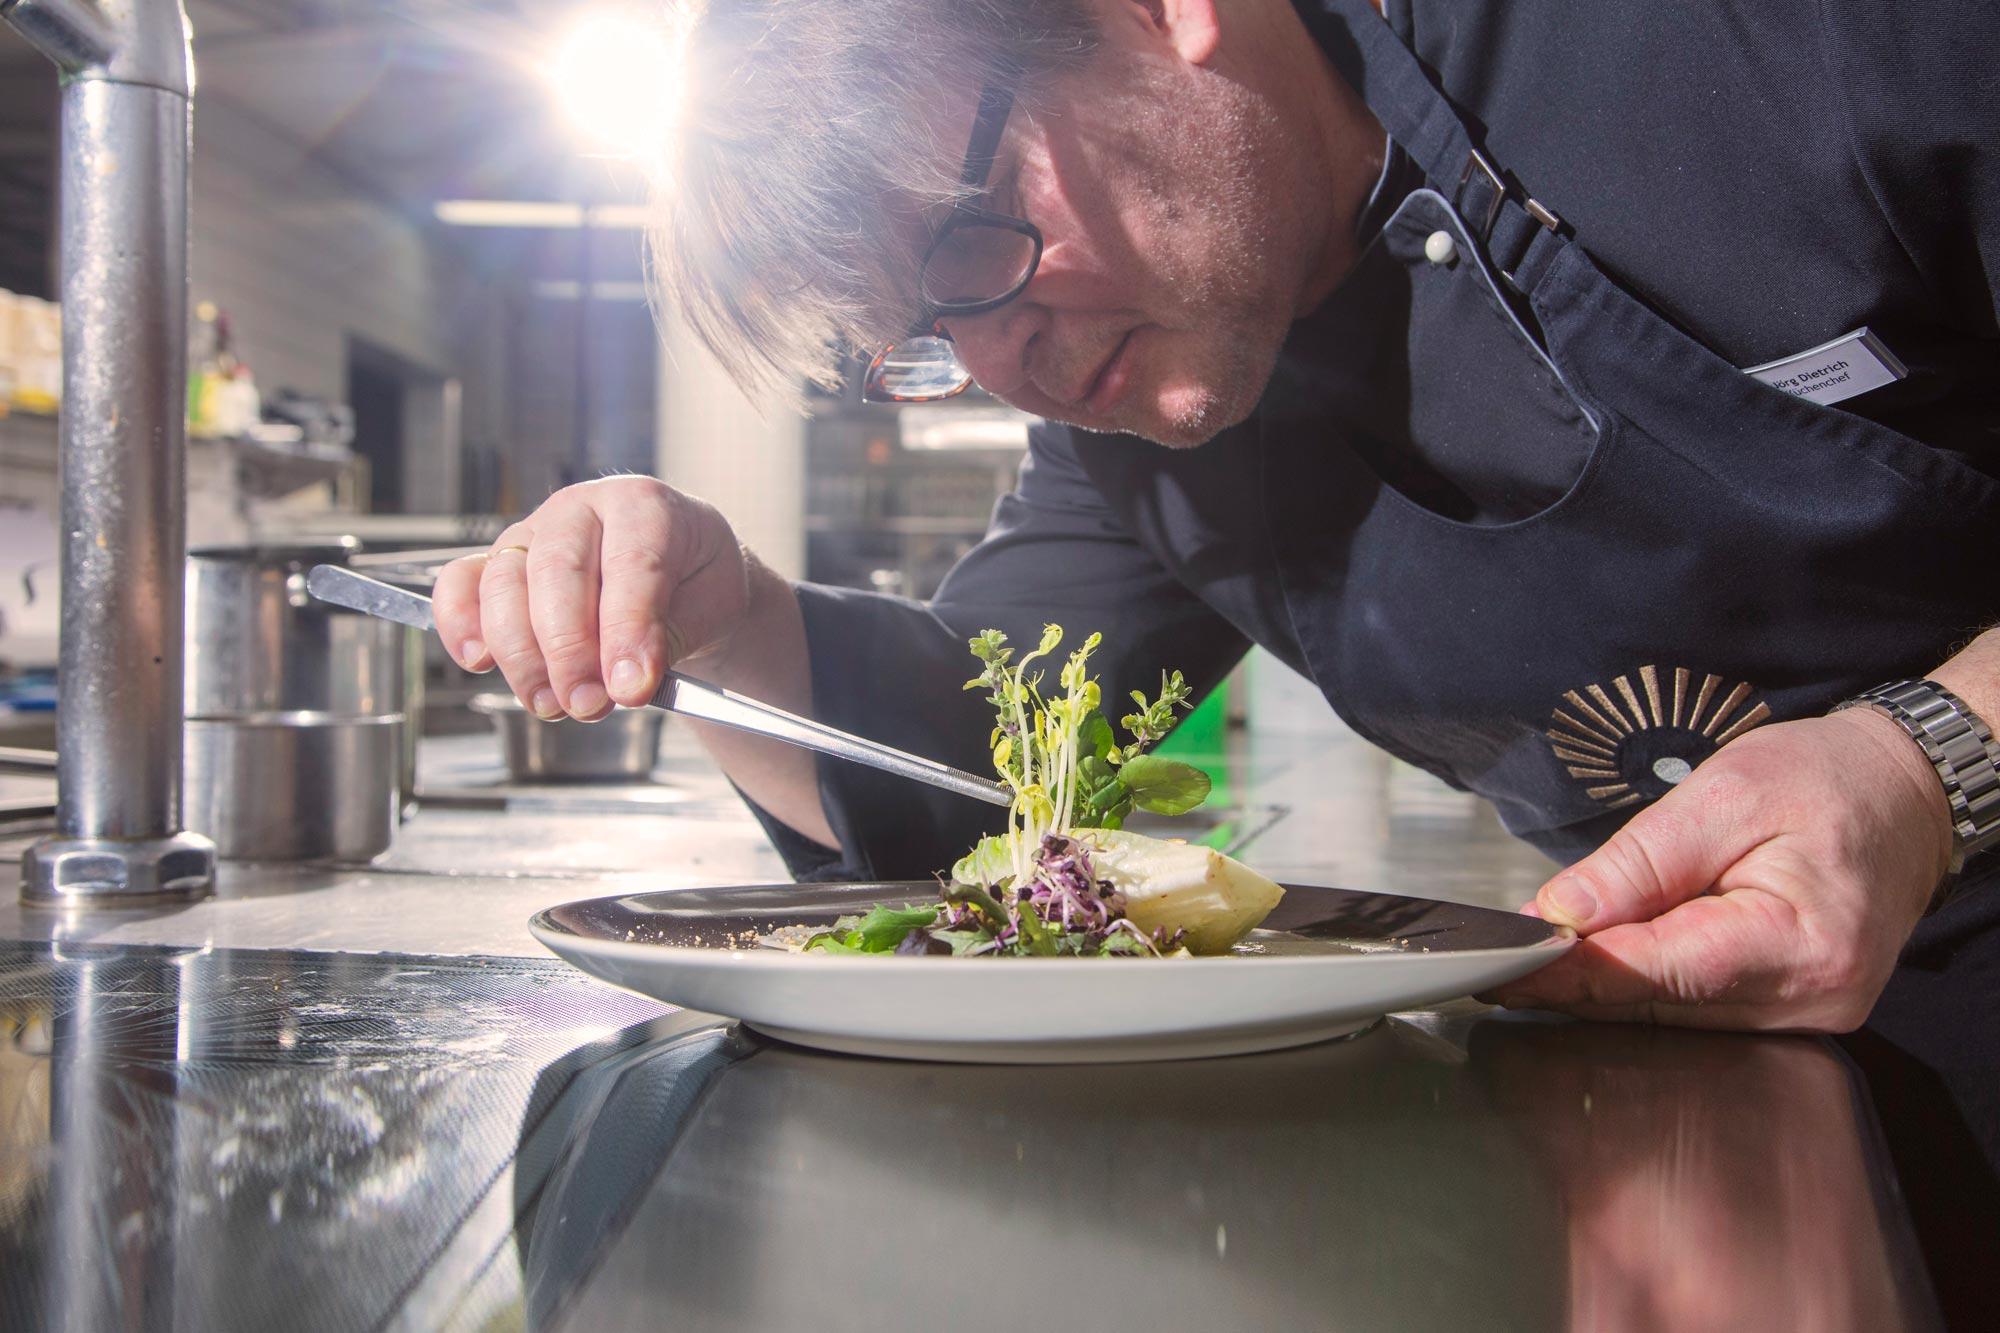 Koch des Schwarzwald Panoramas beim Zubereiten von kulinarischen Häppchen mit frischem Salat und gegrilltem Gemüse in Bio-Qualität